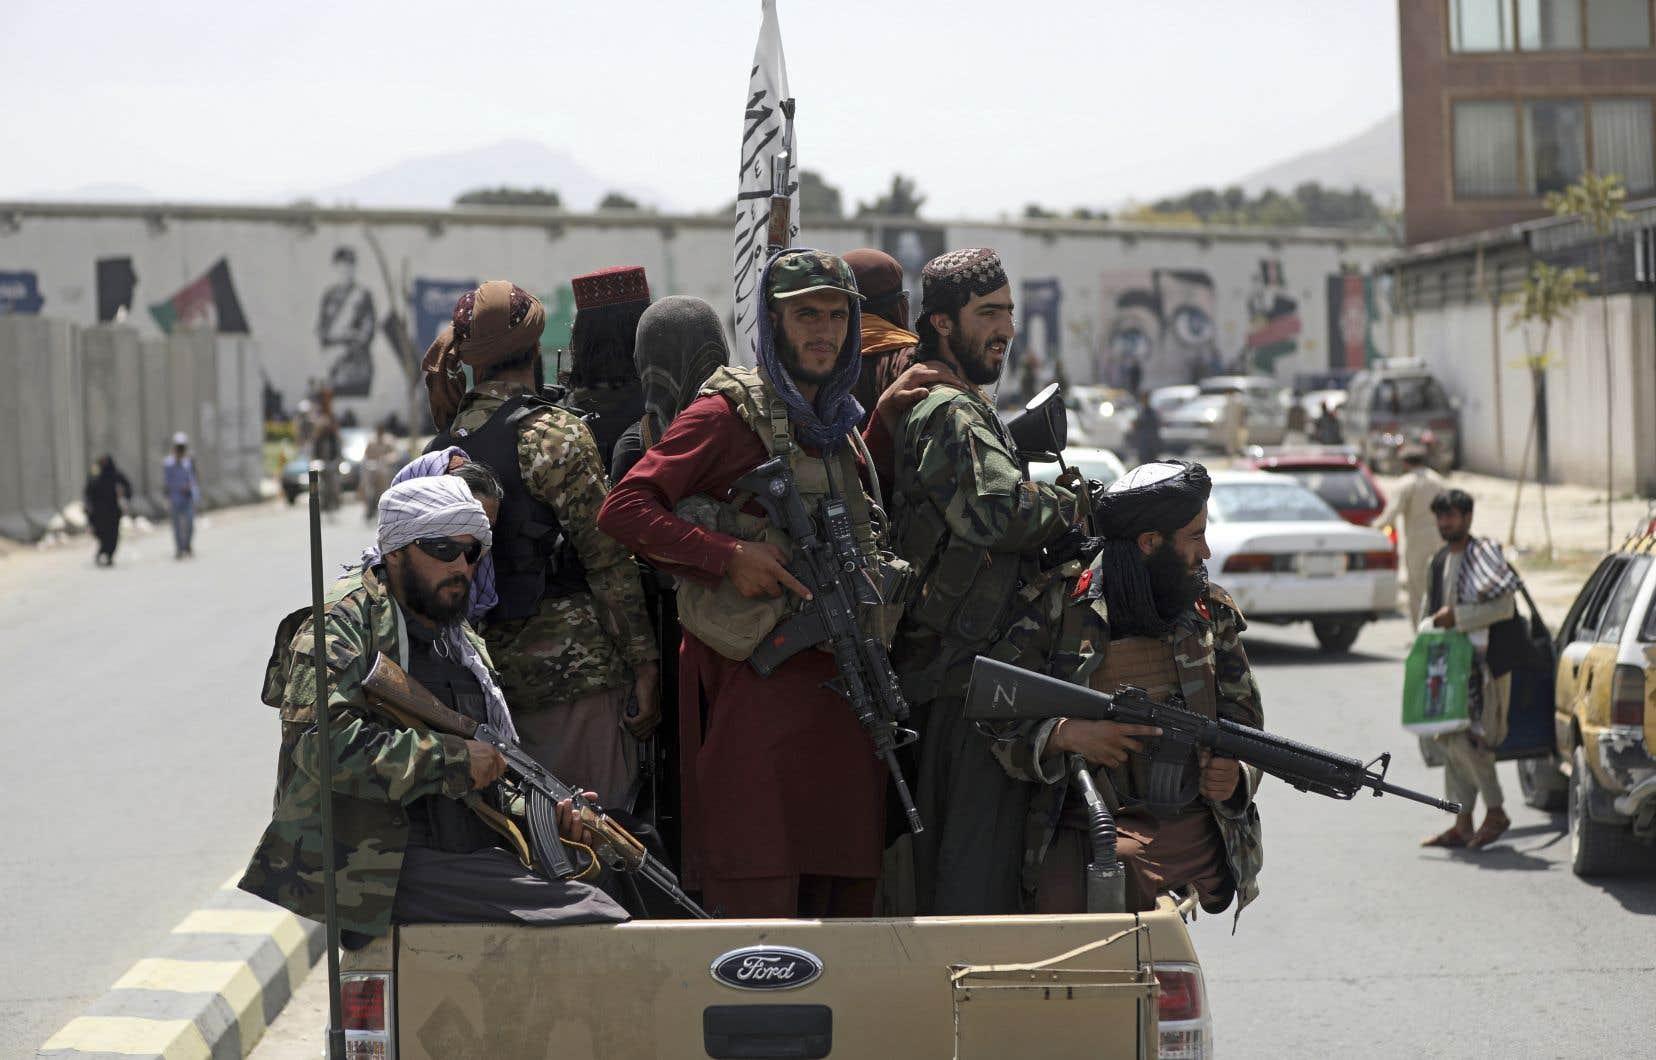 Selon un rapport de l'ONU, les talibans possèdent des «listes prioritaires» de personnes qu'ils veulent arrêter.